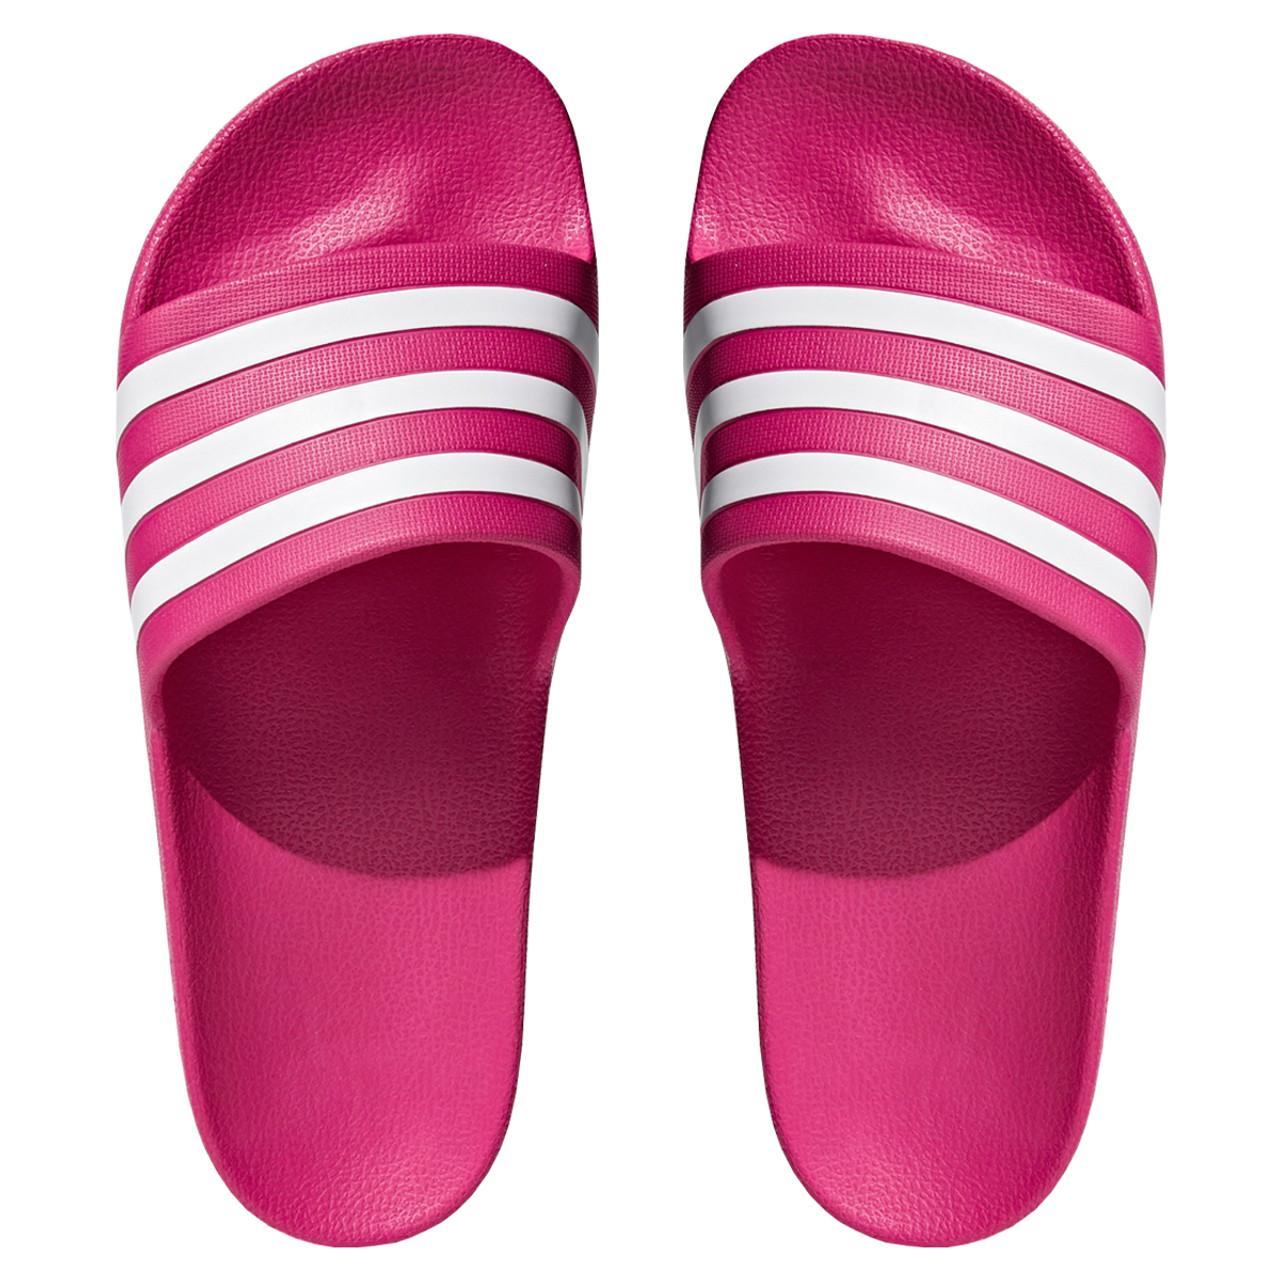 4e908954b994e3 Adidas Adilette Aqua Women s Sandals G28716 - White